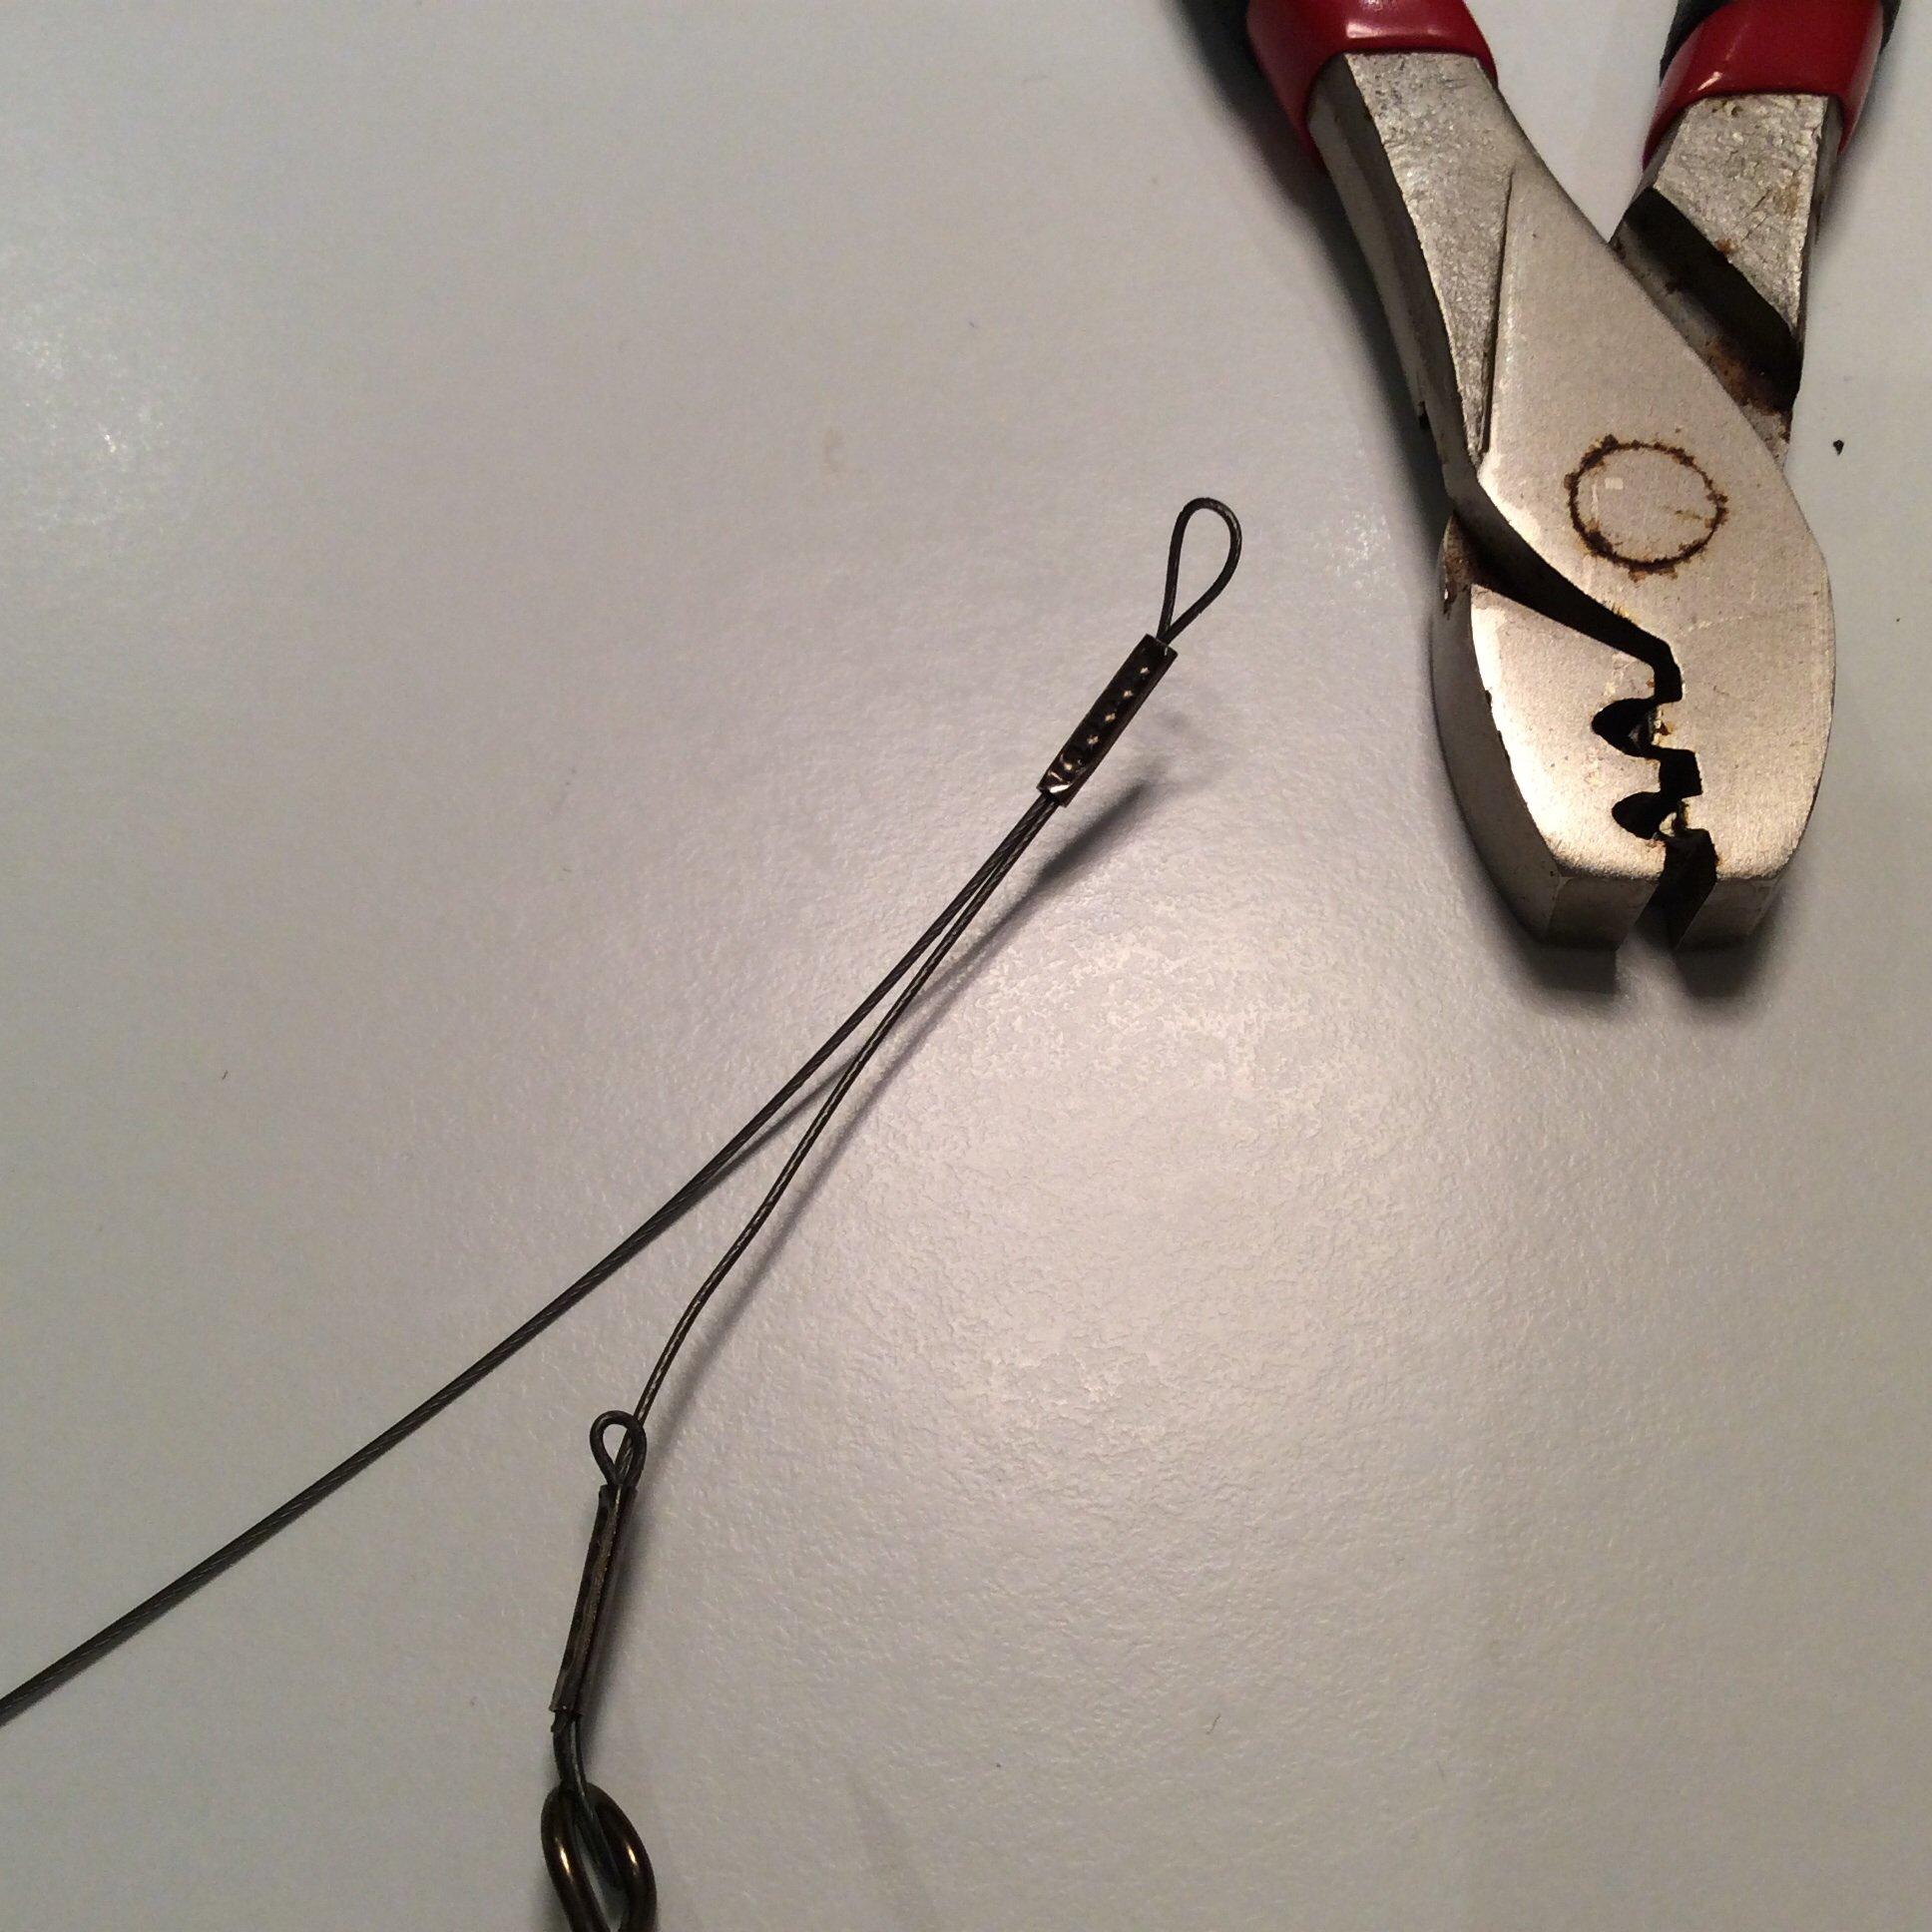 Så här ska wirelåset se ut när du klämt åt. Tänk på att INTE klämma längs ut i ändarna på Wirelåsen. Lämna ngn milimeter först och kläm sen åt